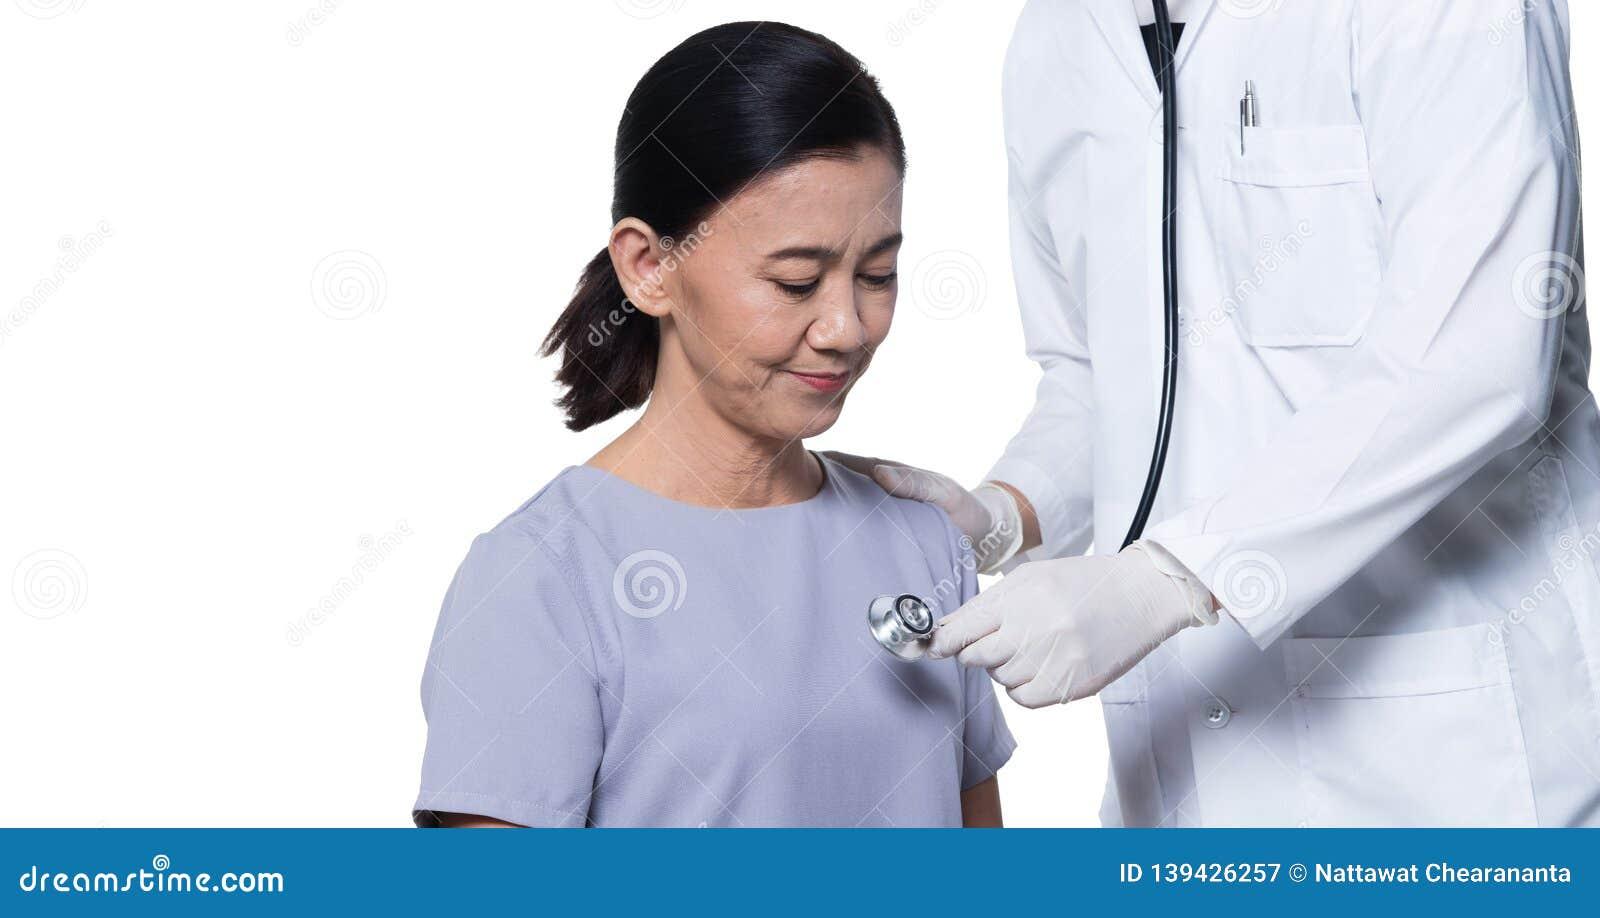 Geduldige Kontrollengesundheit asiatischer mittlerer Alter 60s Frau